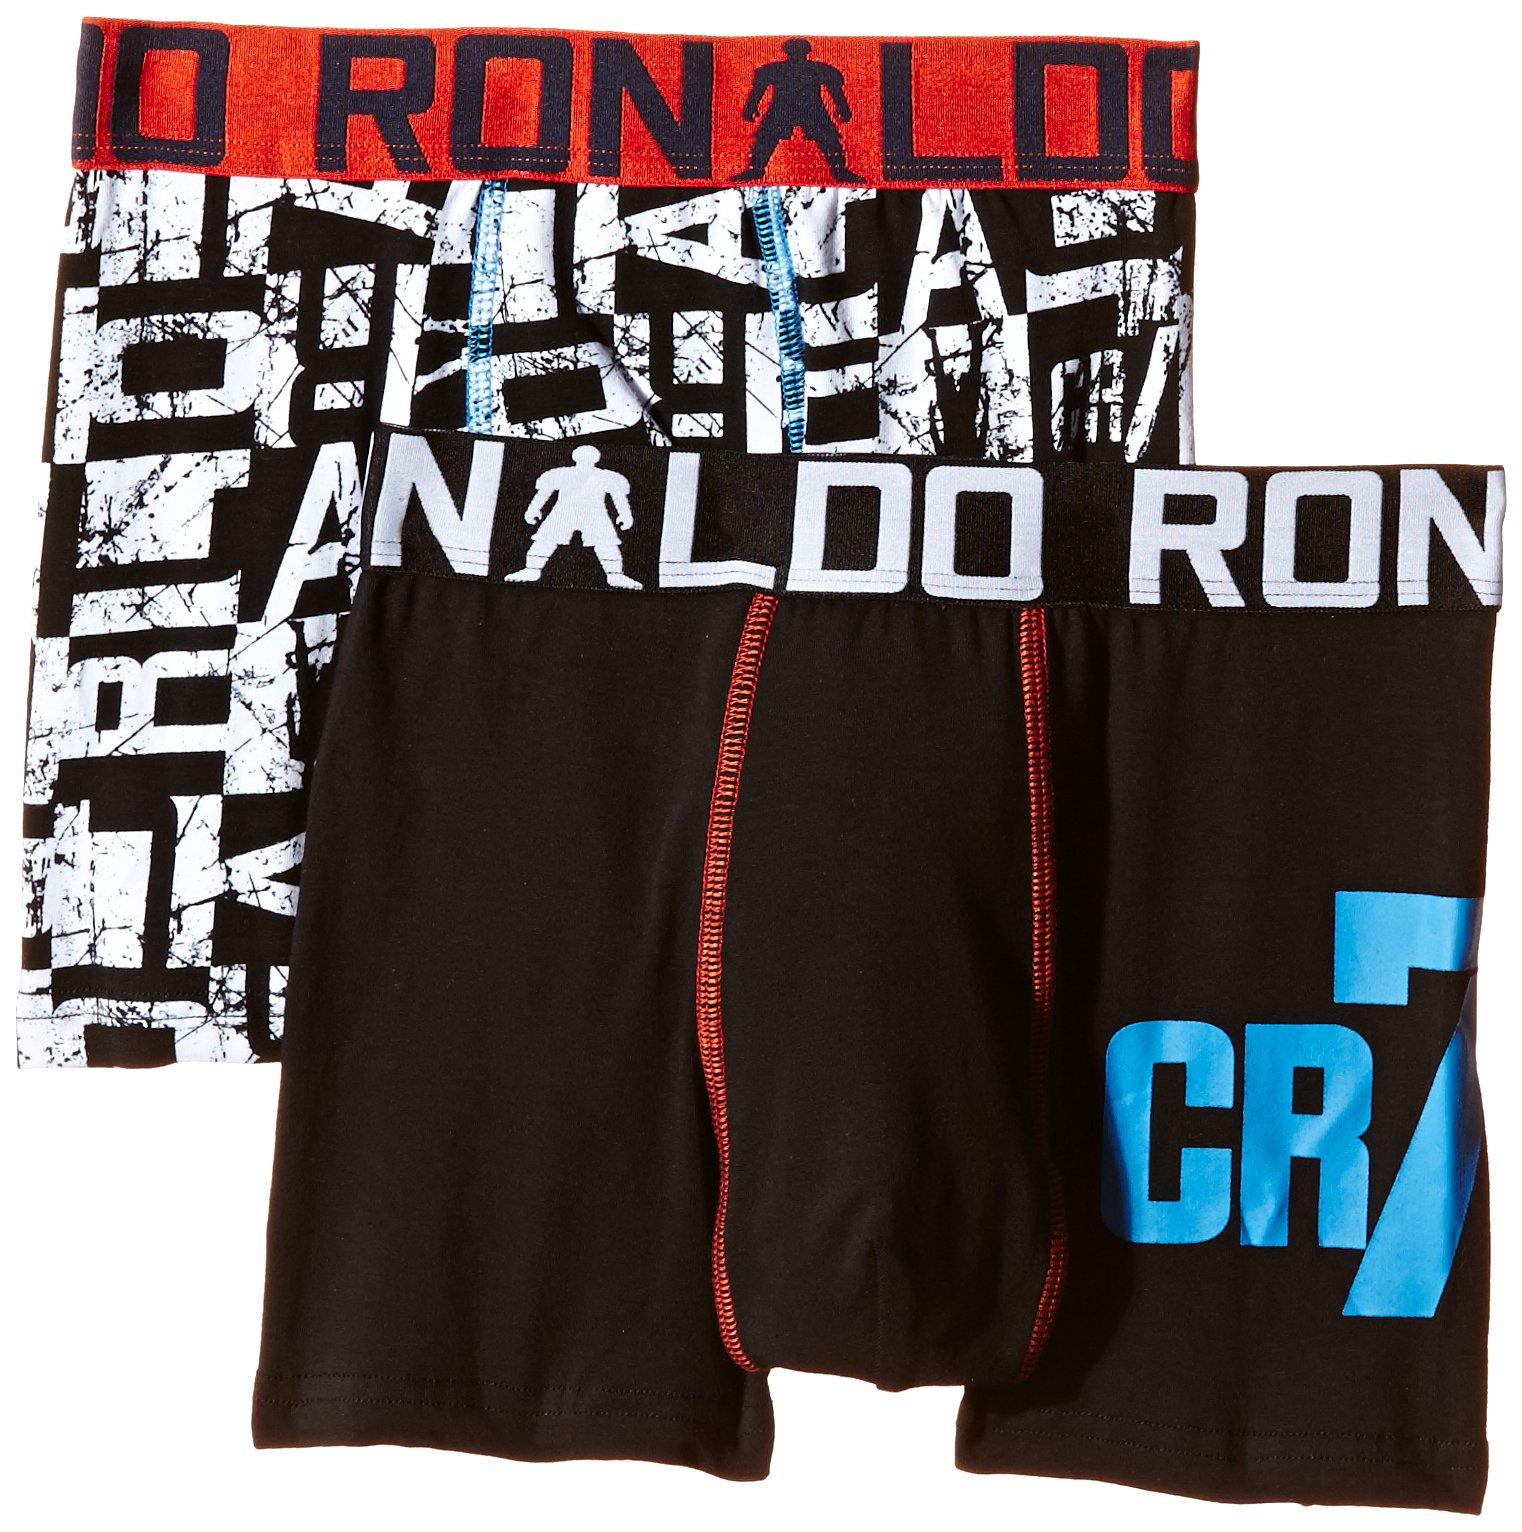 CR7 CRISTIANO RONALDO Boxer per bambino, aderenti, 2 pz